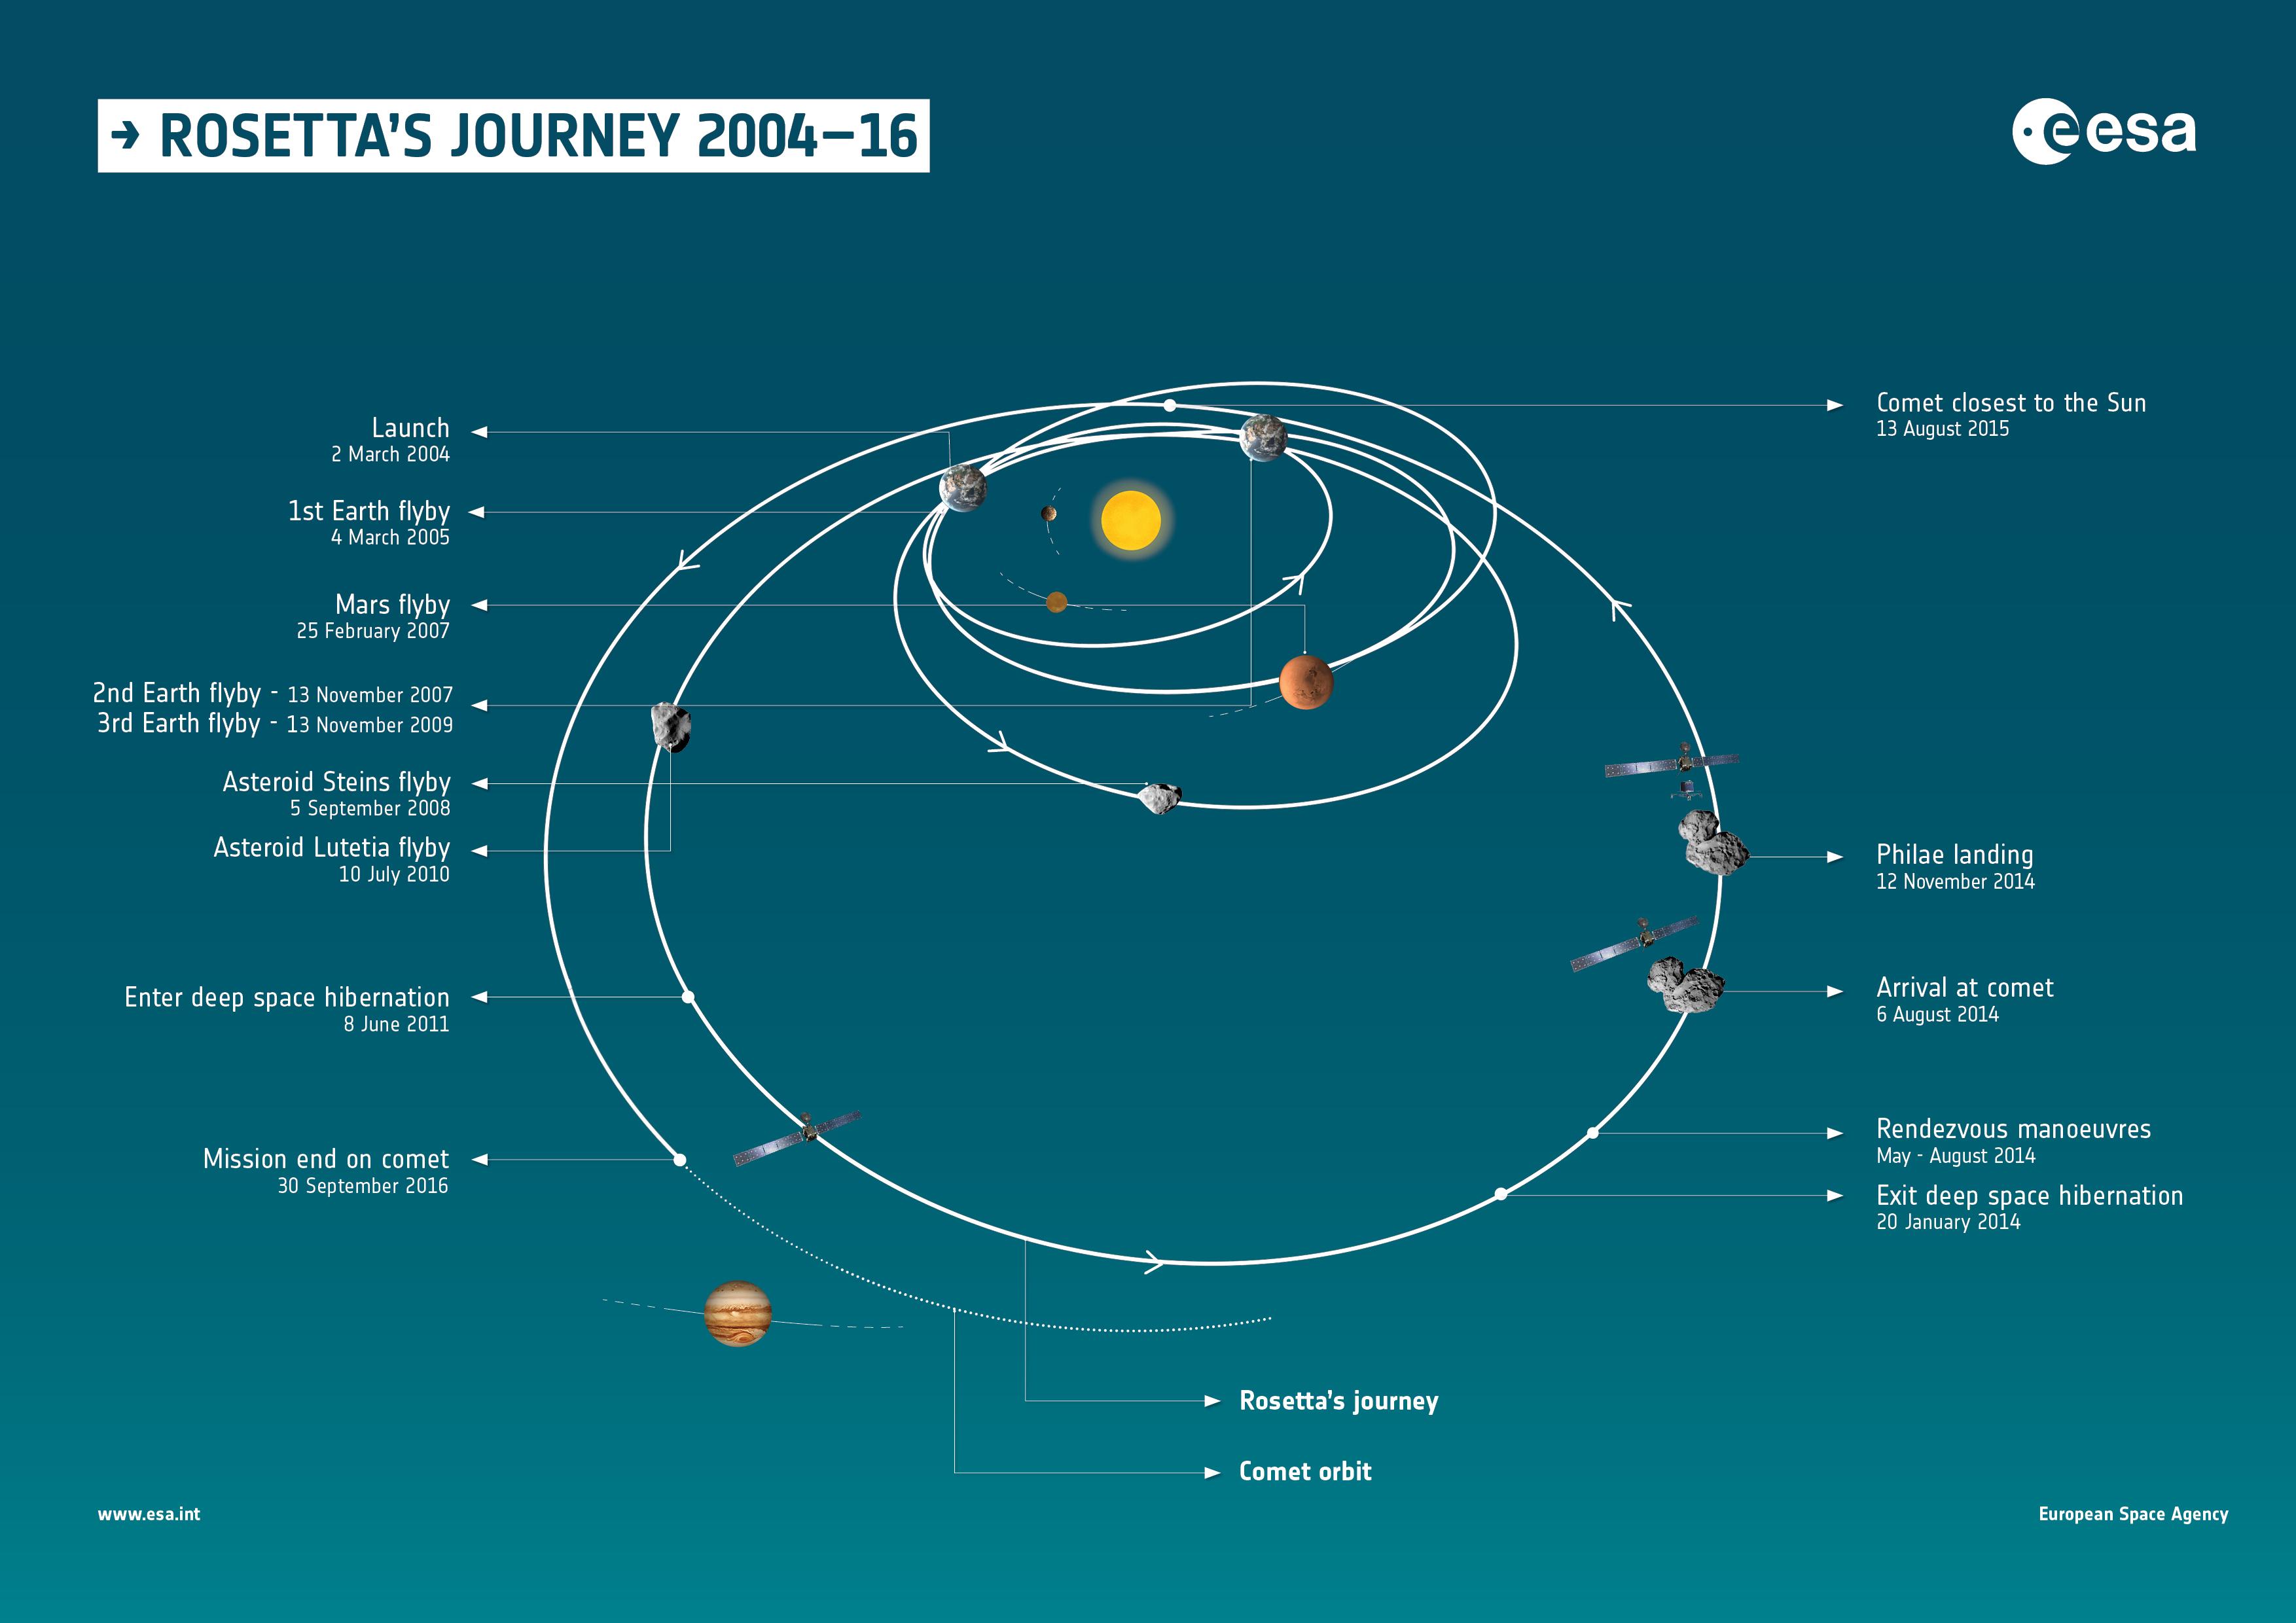 1567216696908-Rosetta_journey_infographic_2_20160919.jpg